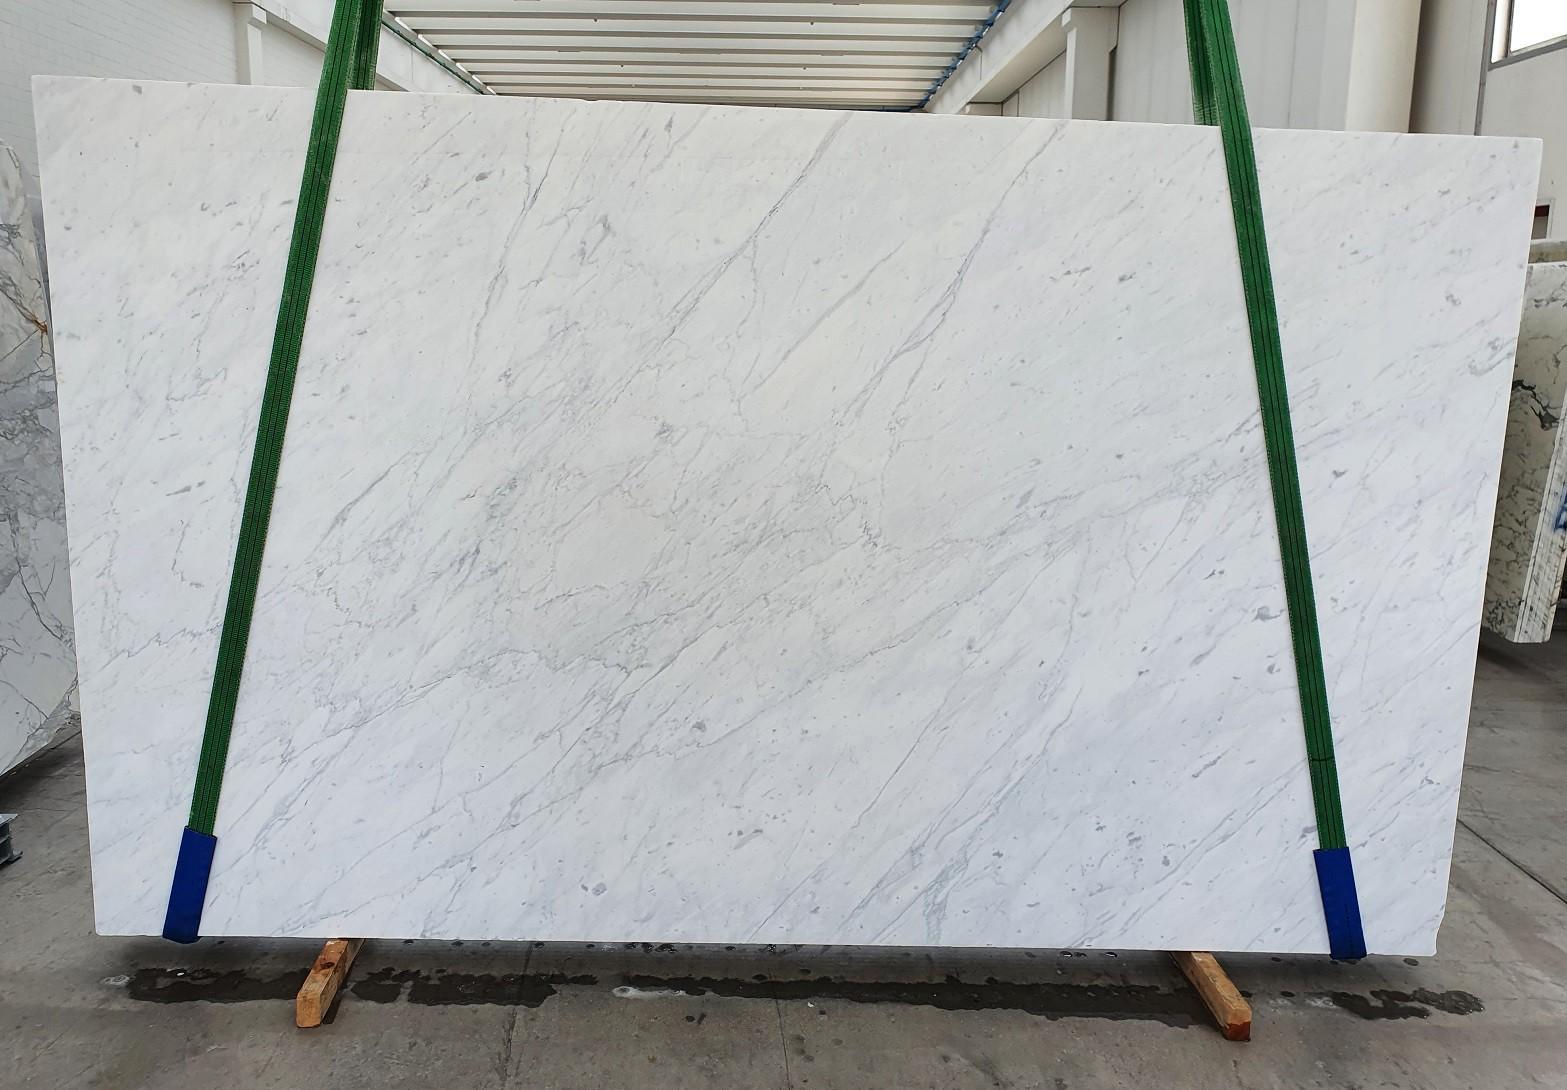 BIANCO CARRARA C polierte Unmaßplatten 1441 aus Natur Marmor , Slab #26: Lieferung Veneto, Italien